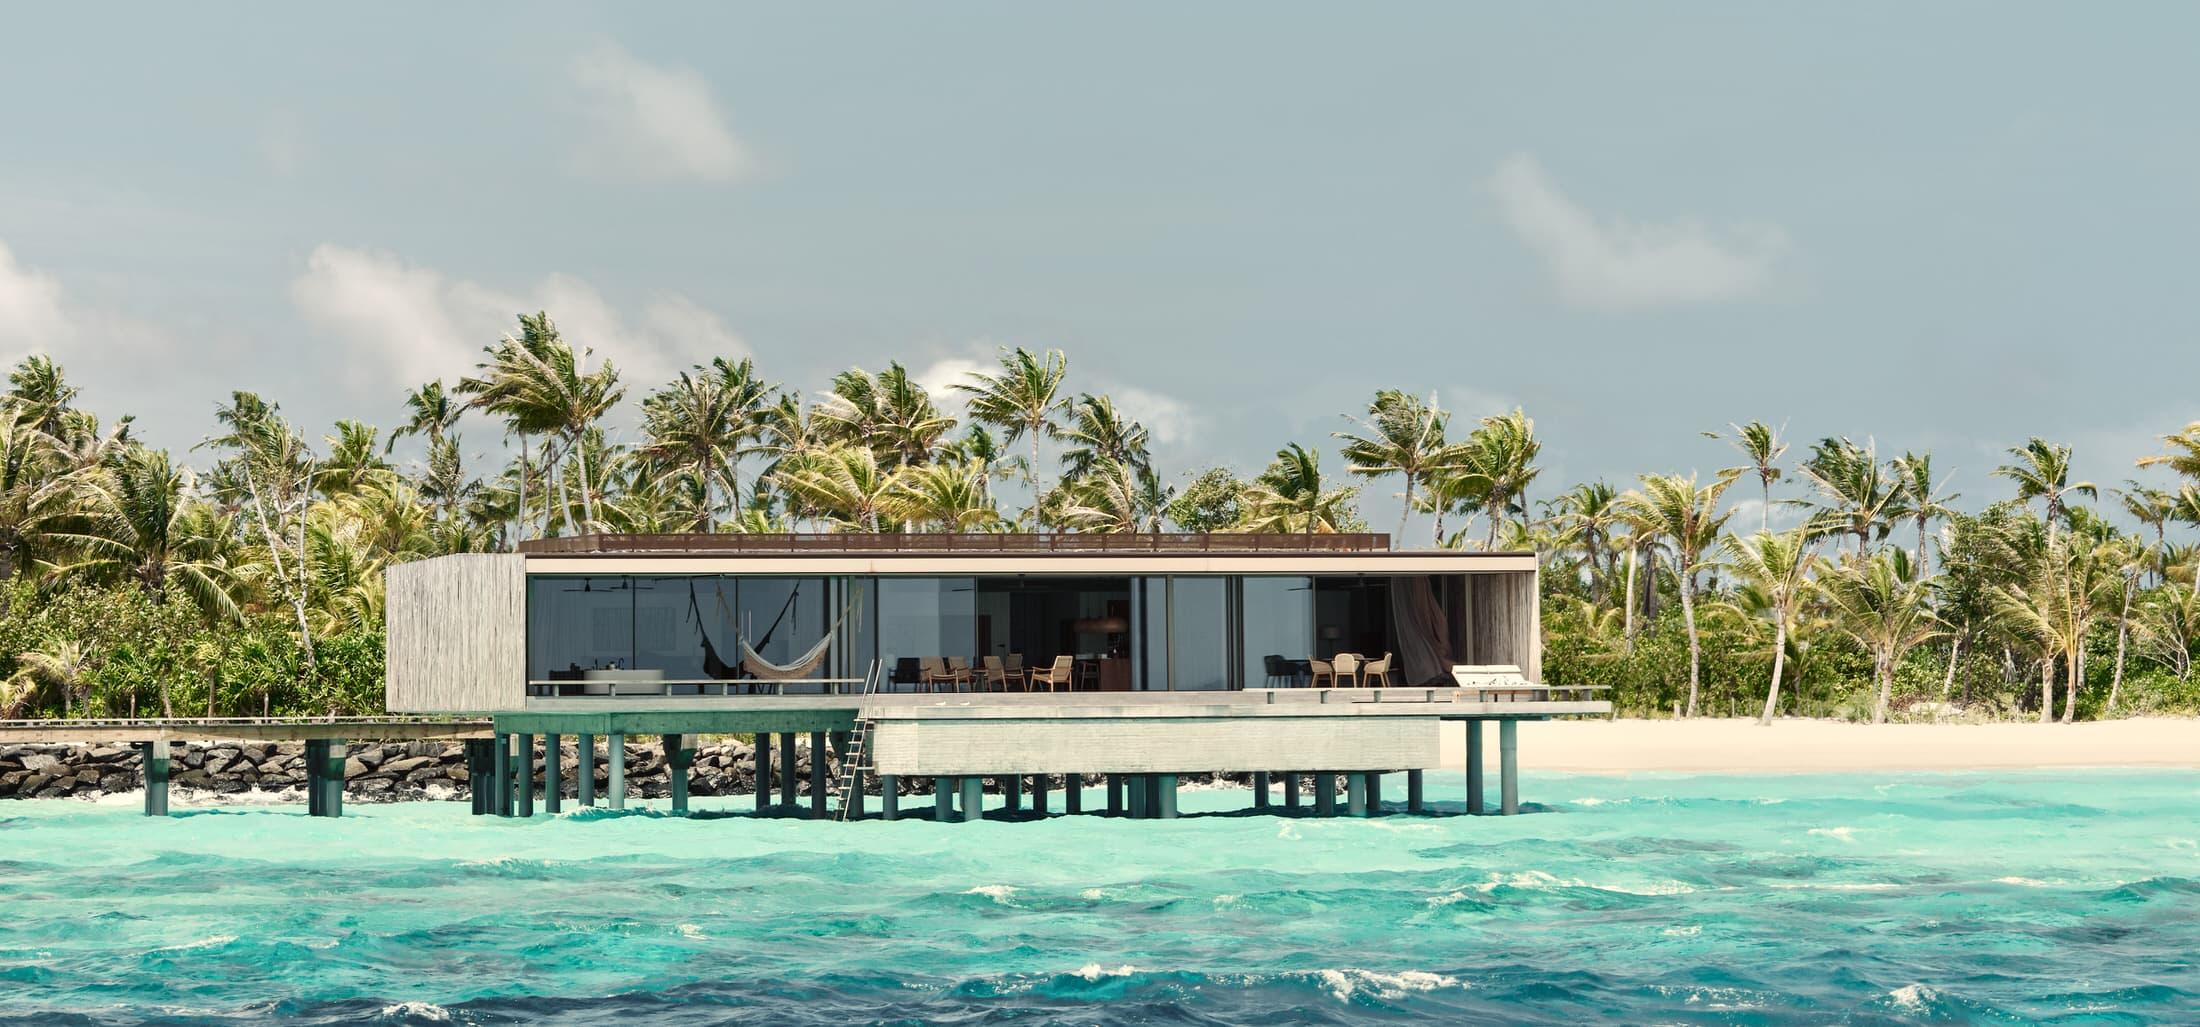 Studio Mk27 Patina Maldives Luxury Resort Yellowtrace 30